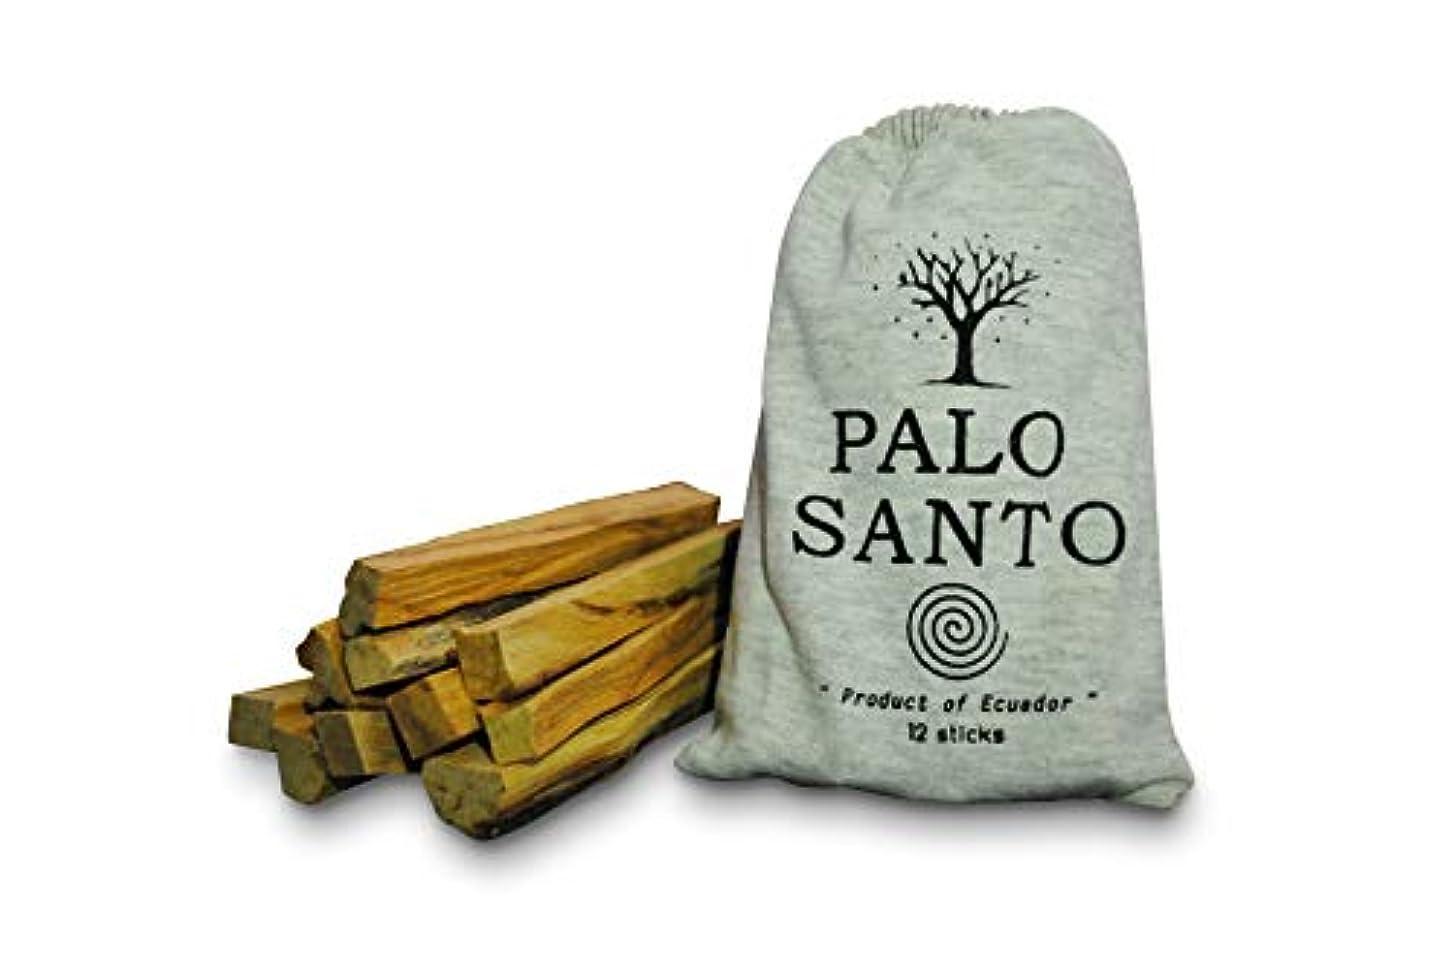 回転ハイランドラリーオルタナティブ ミラクル パロ サント スマッジスティック - 野生の収穫 聖なる木のお香 スマッジスティック